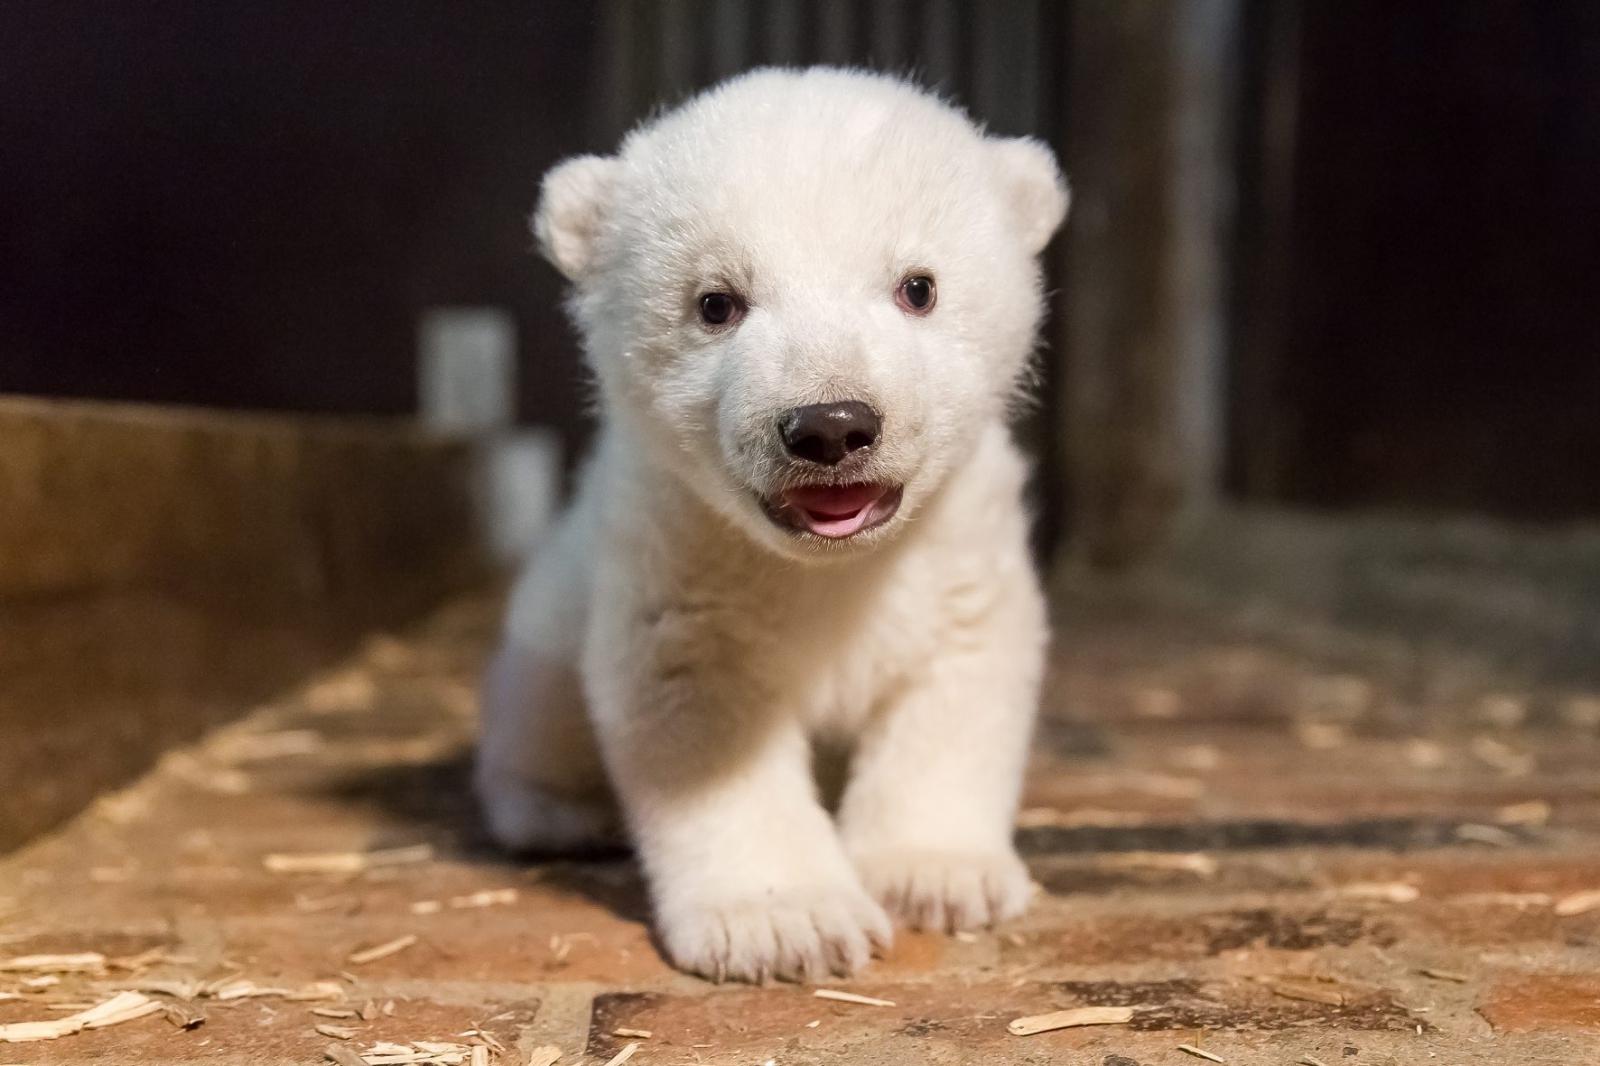 Nowo narodzony niedźwiedź polarny w berlińskim ZOO.  Fot. PAP/EPA/TIERPARK BERLIN HANDOUT